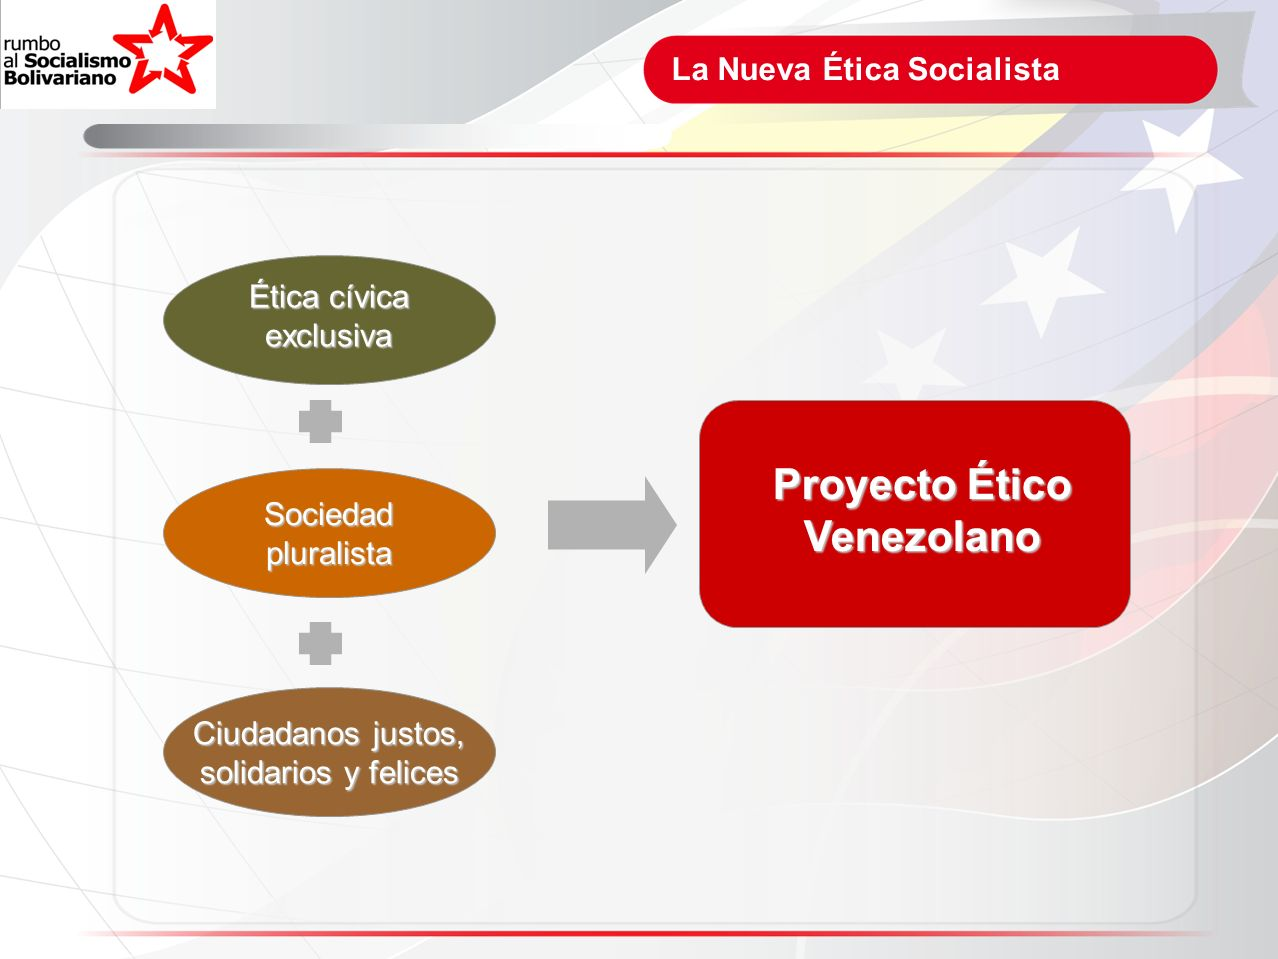 Proyecto Ético Venezolano